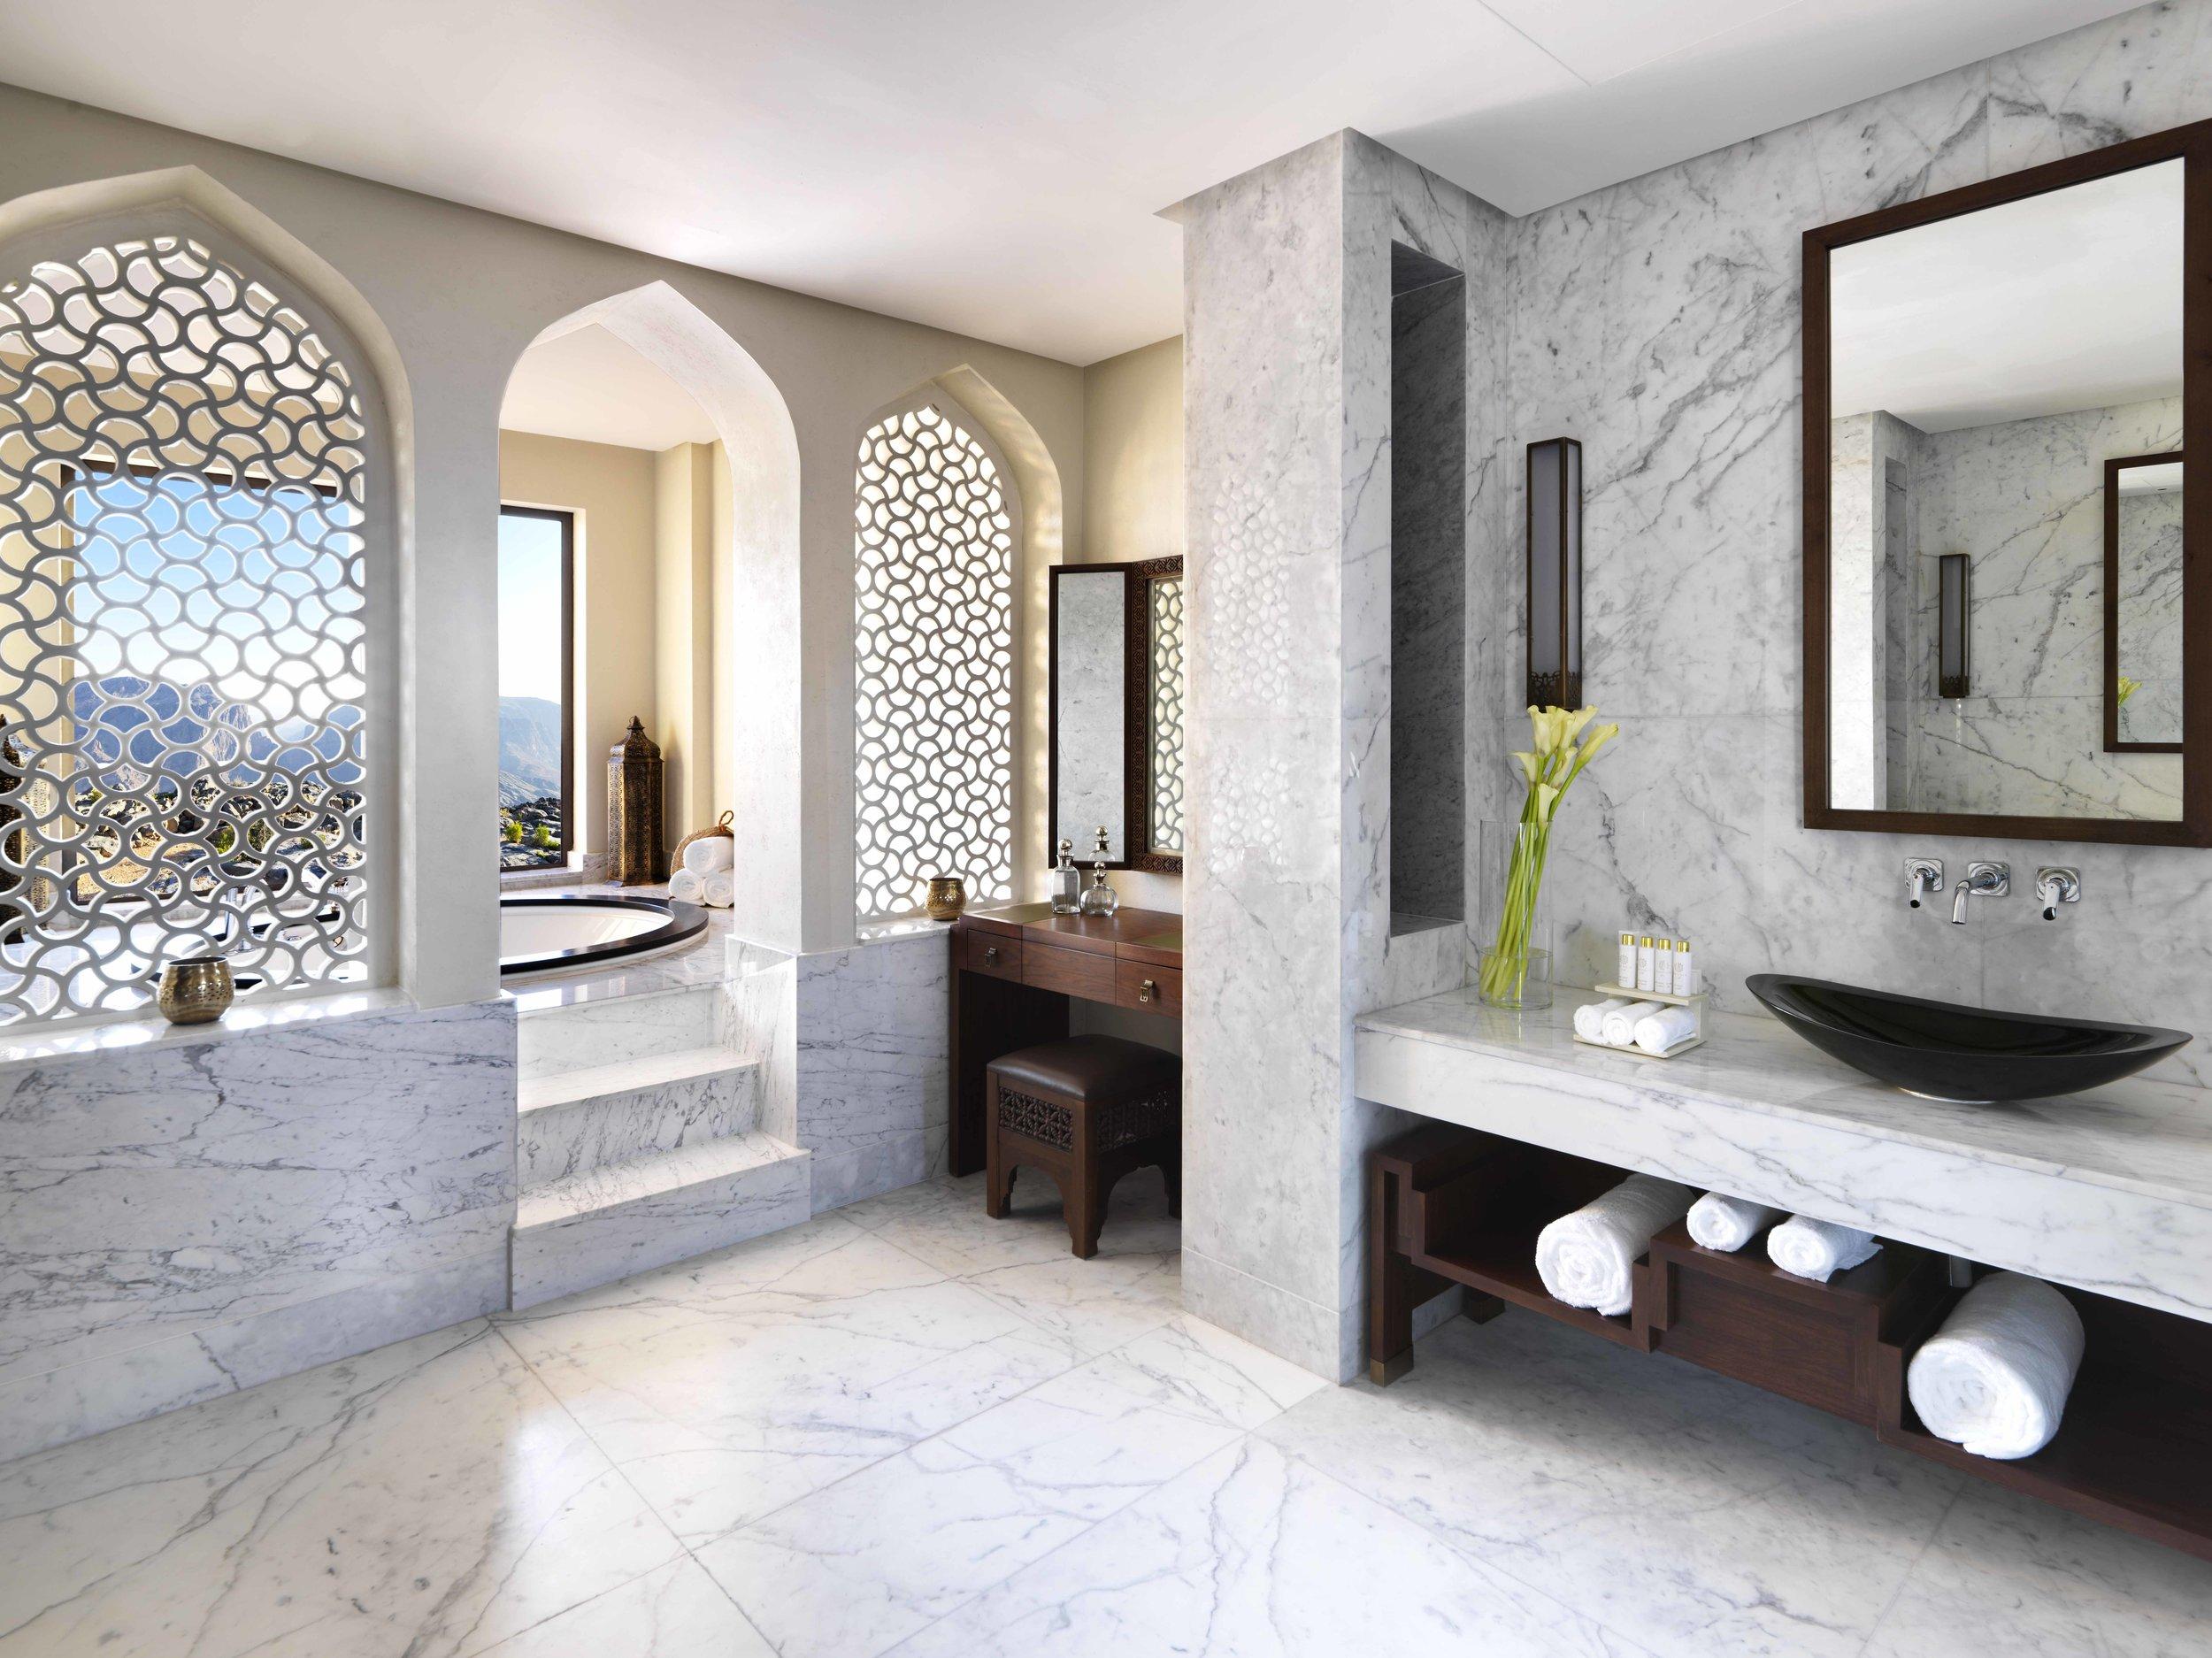 Anantara Al Jabal Al Akhdar Resort - Royal Mountain Villa Master Bathroom.jpg